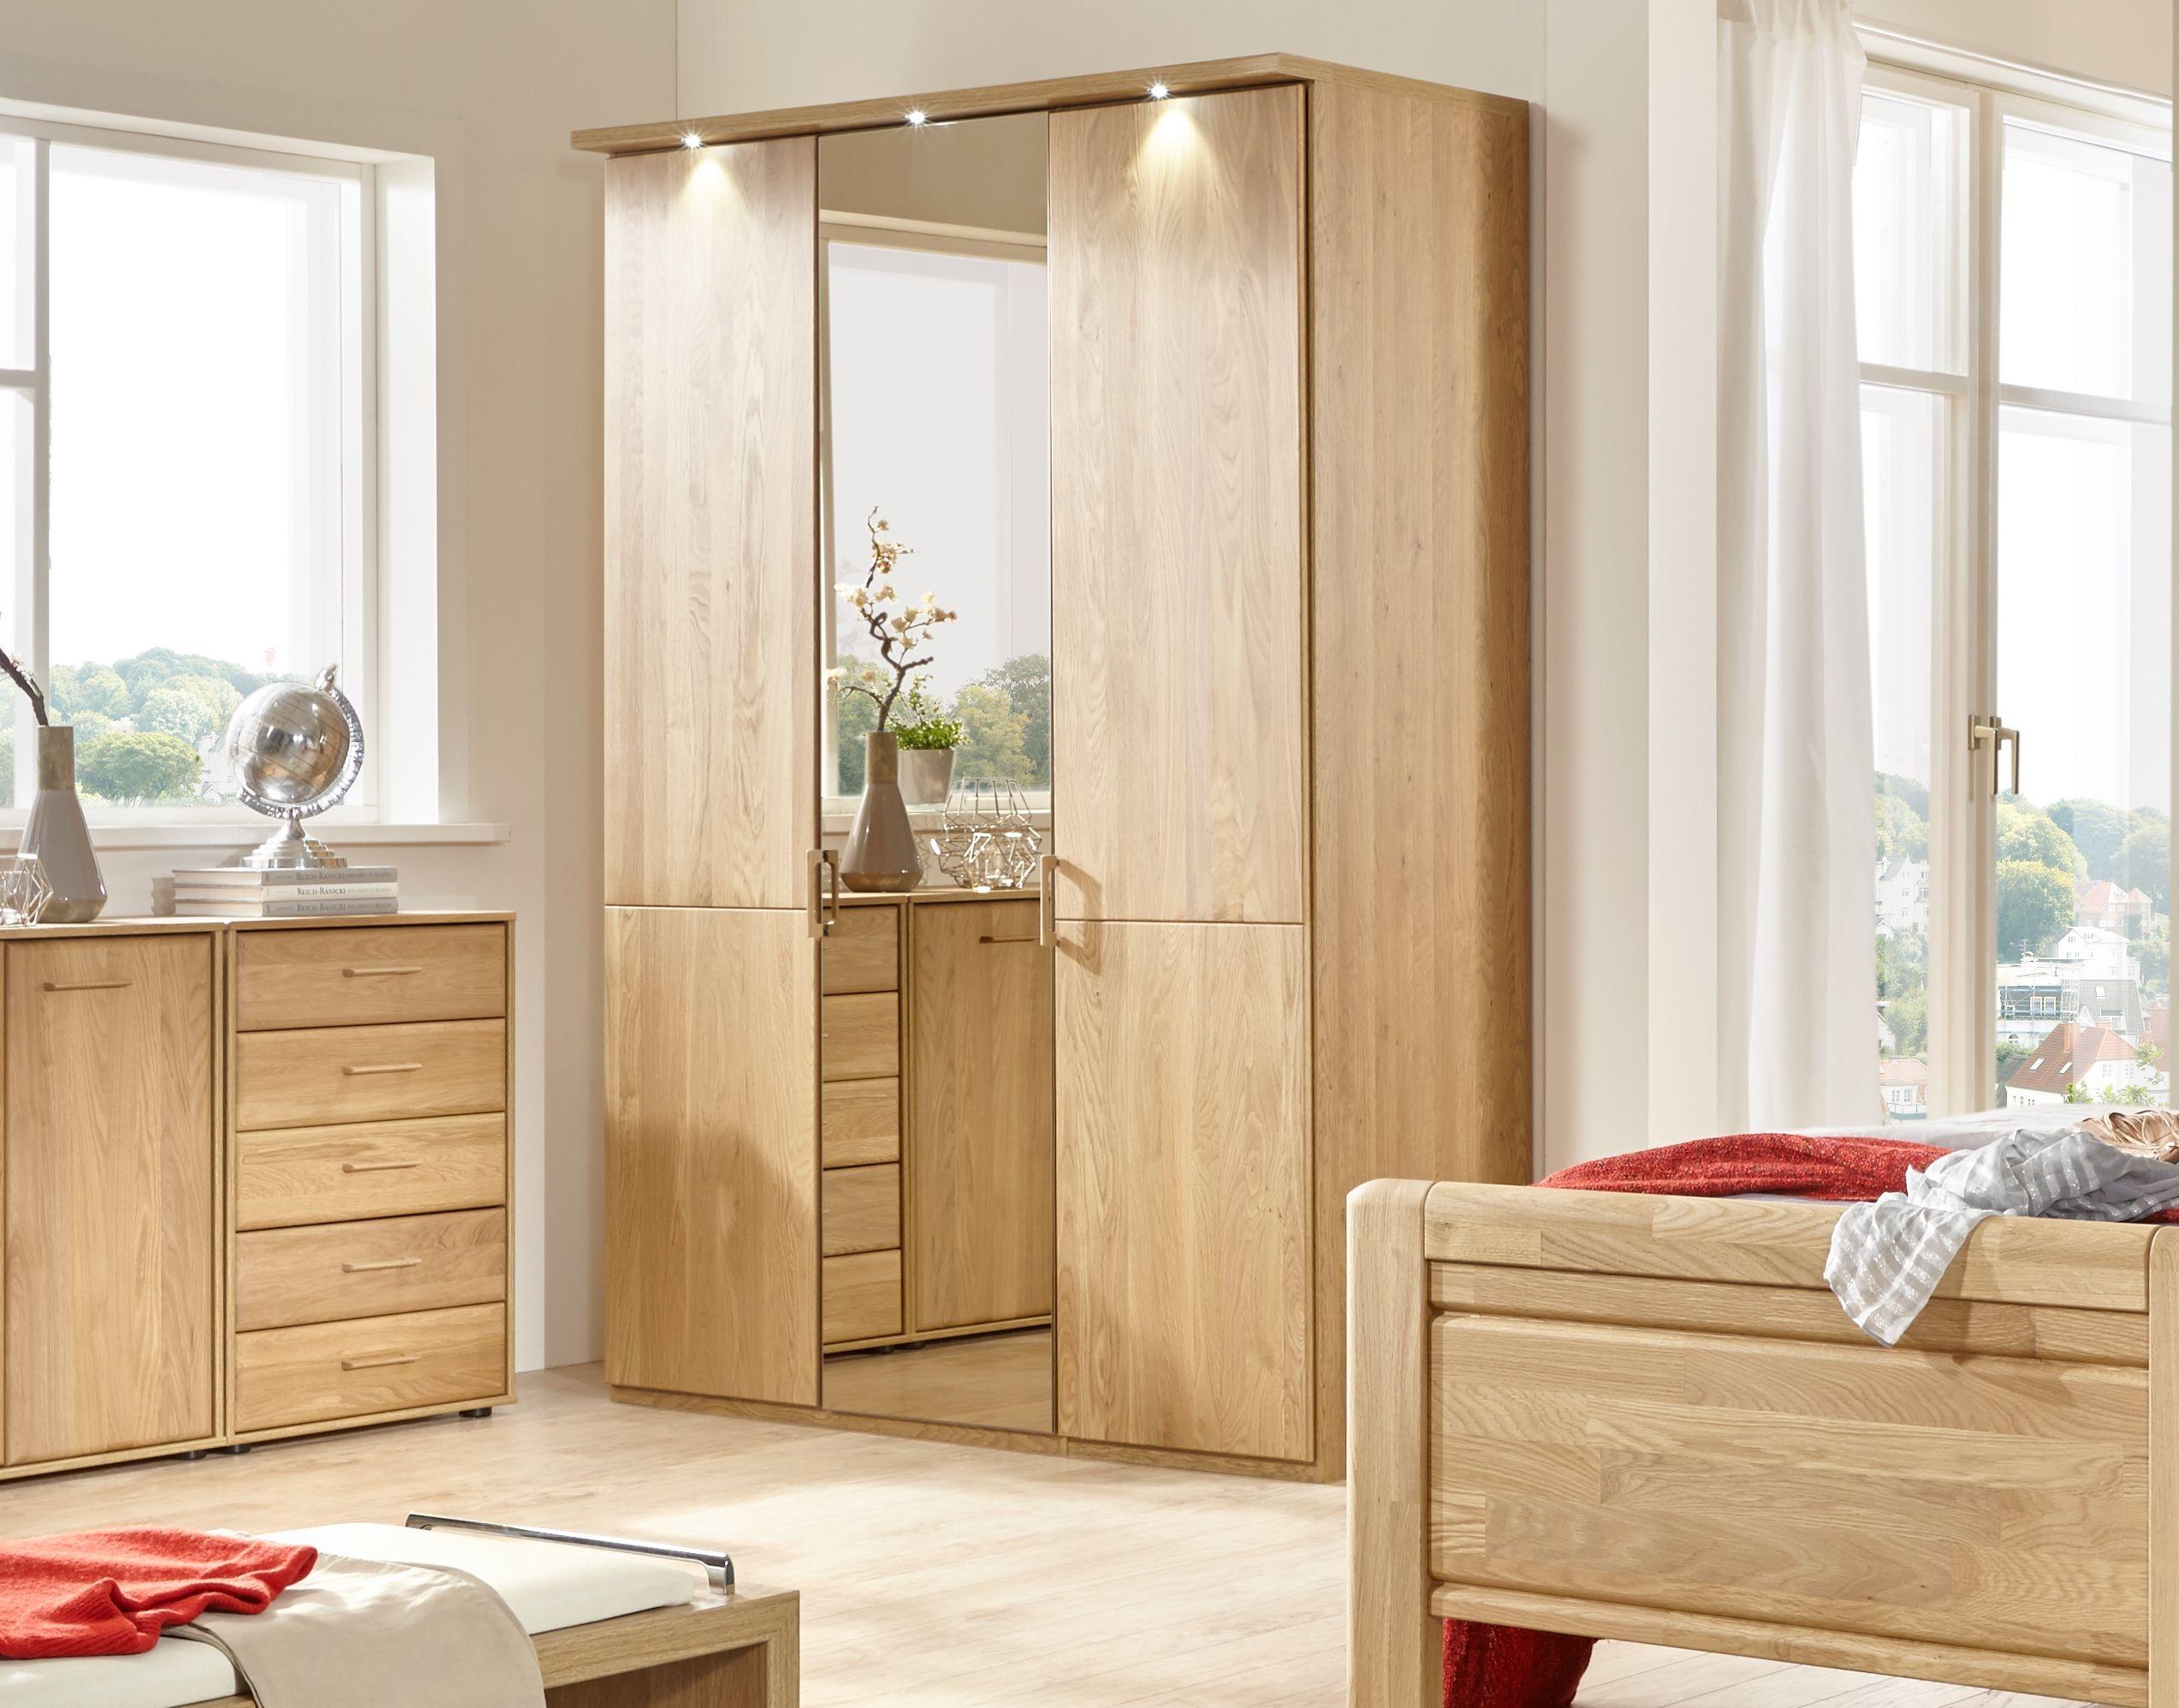 Wiemann Lido 4 Door Wardrobe in Oak - W 200cm